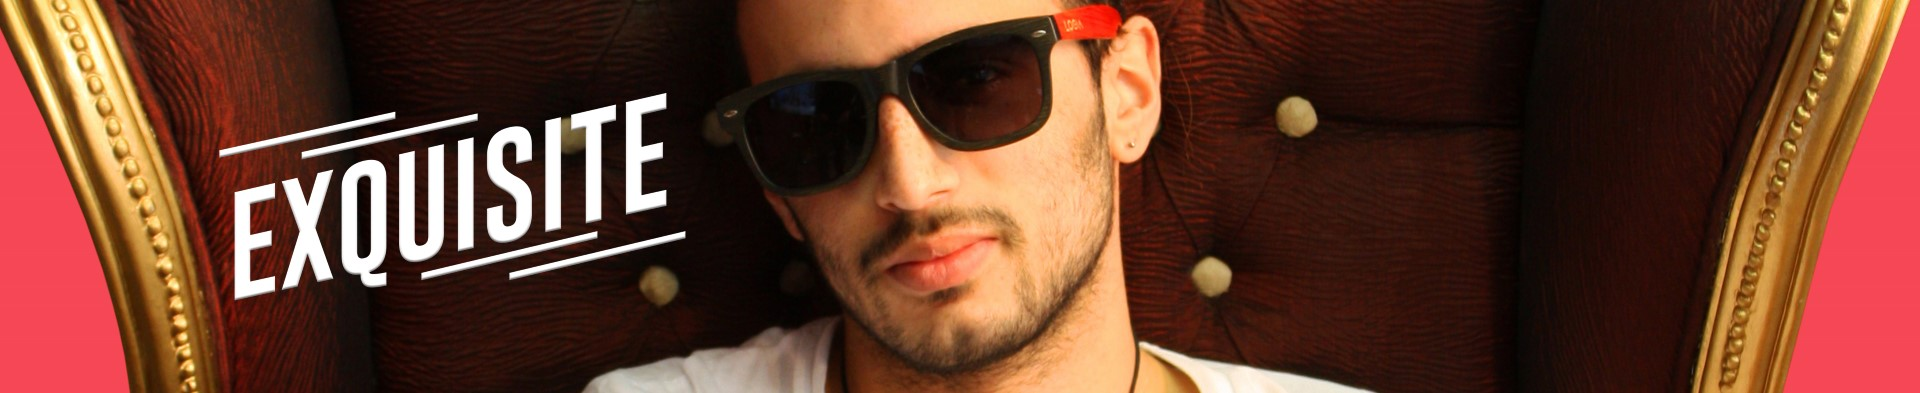 Gafas de sol Exquisite